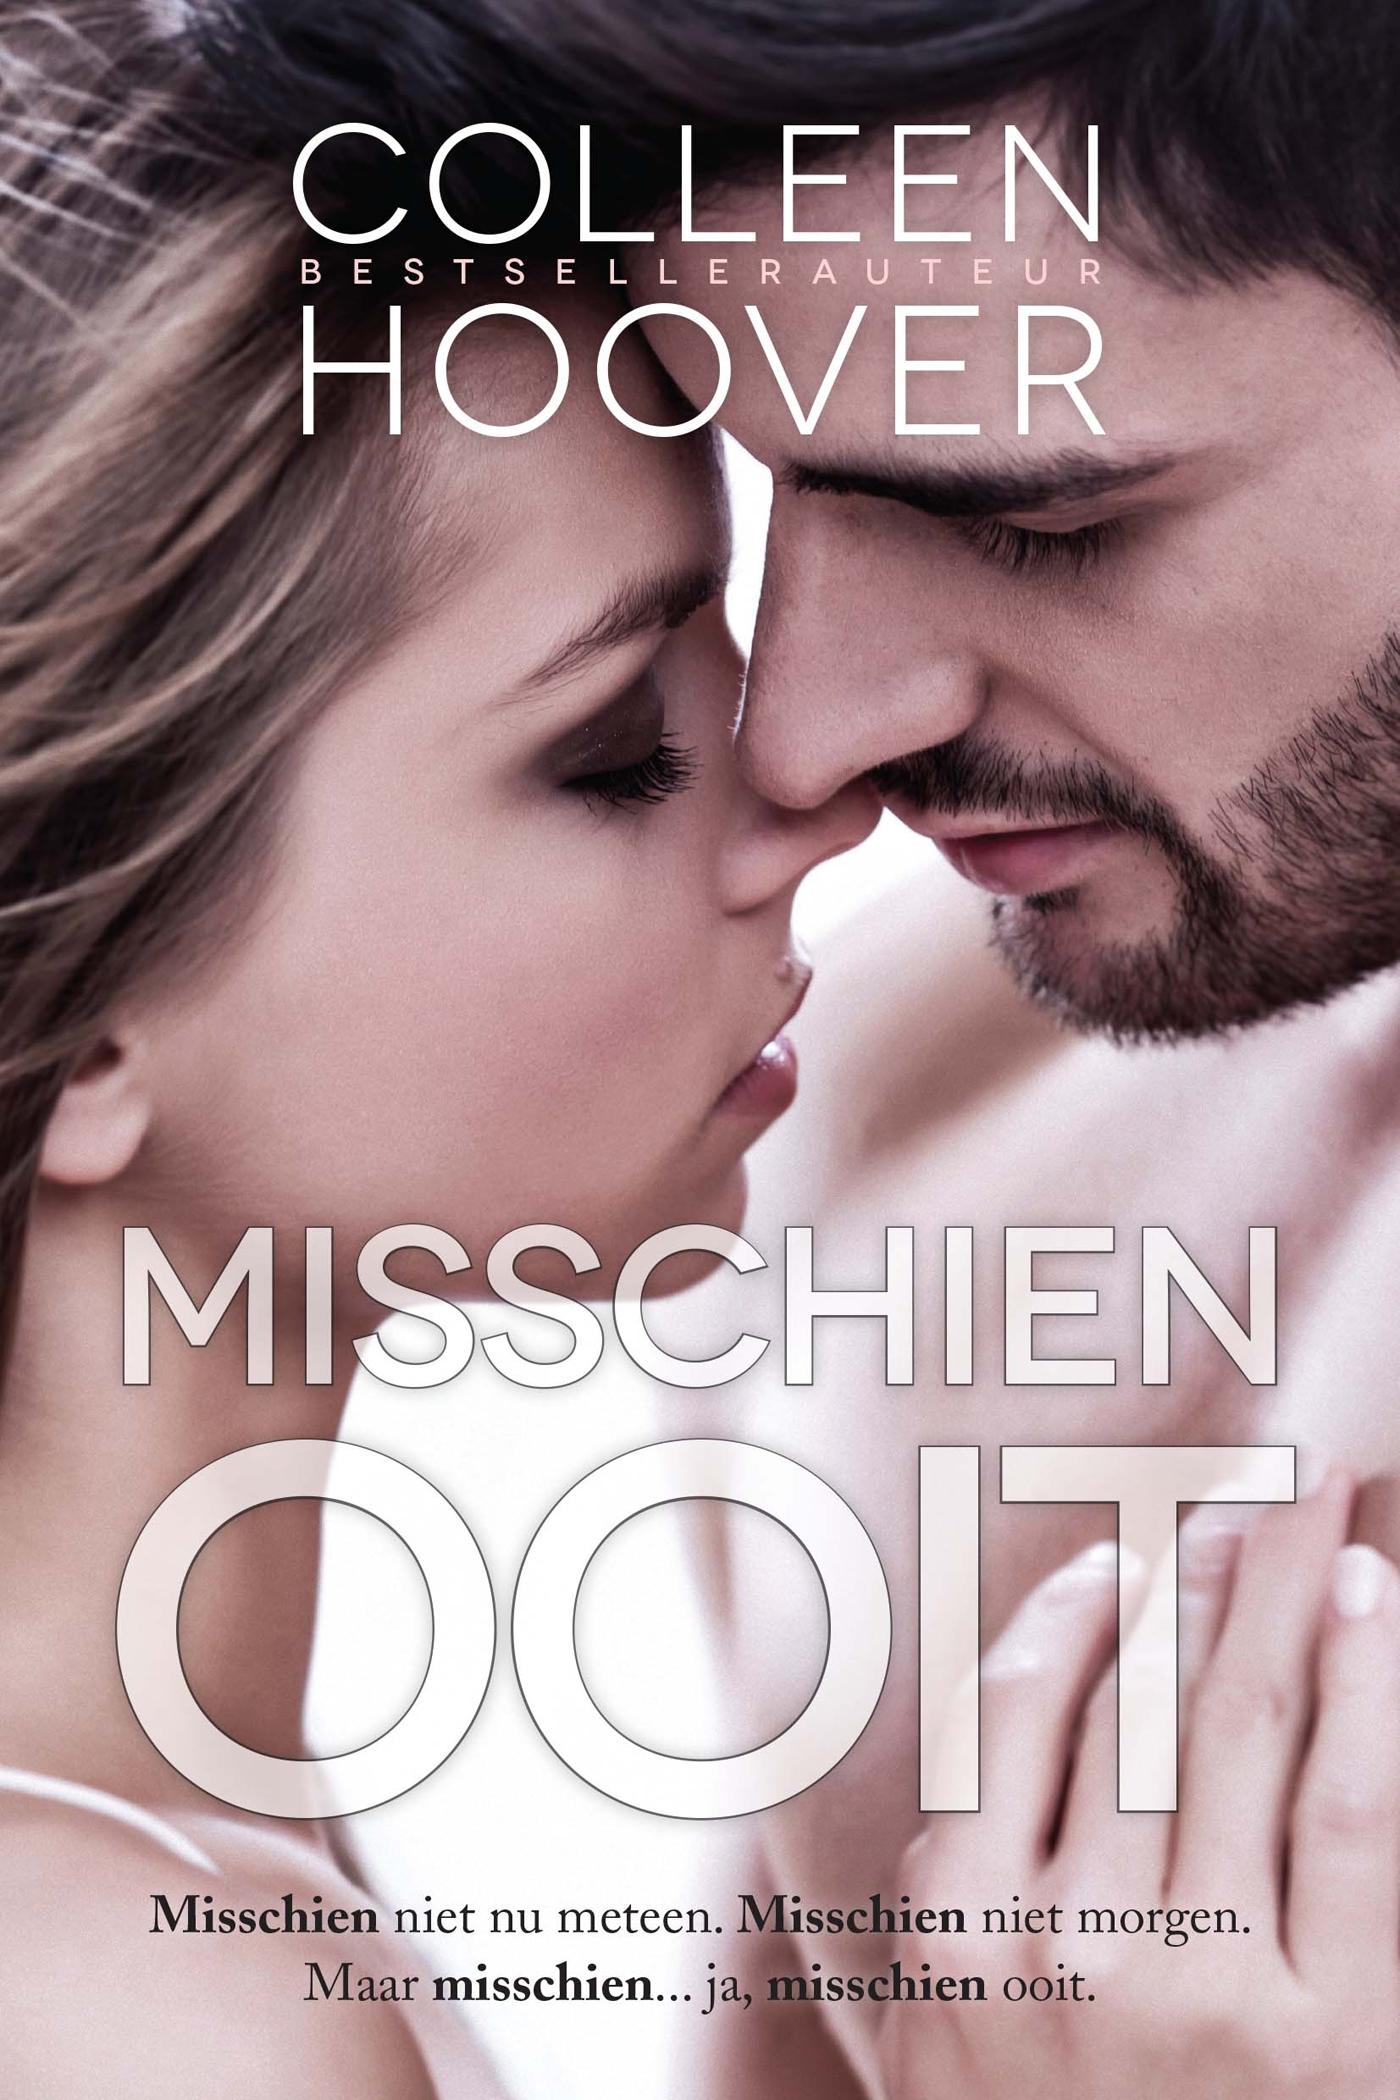 Misschien ooit – Colleen Hoover